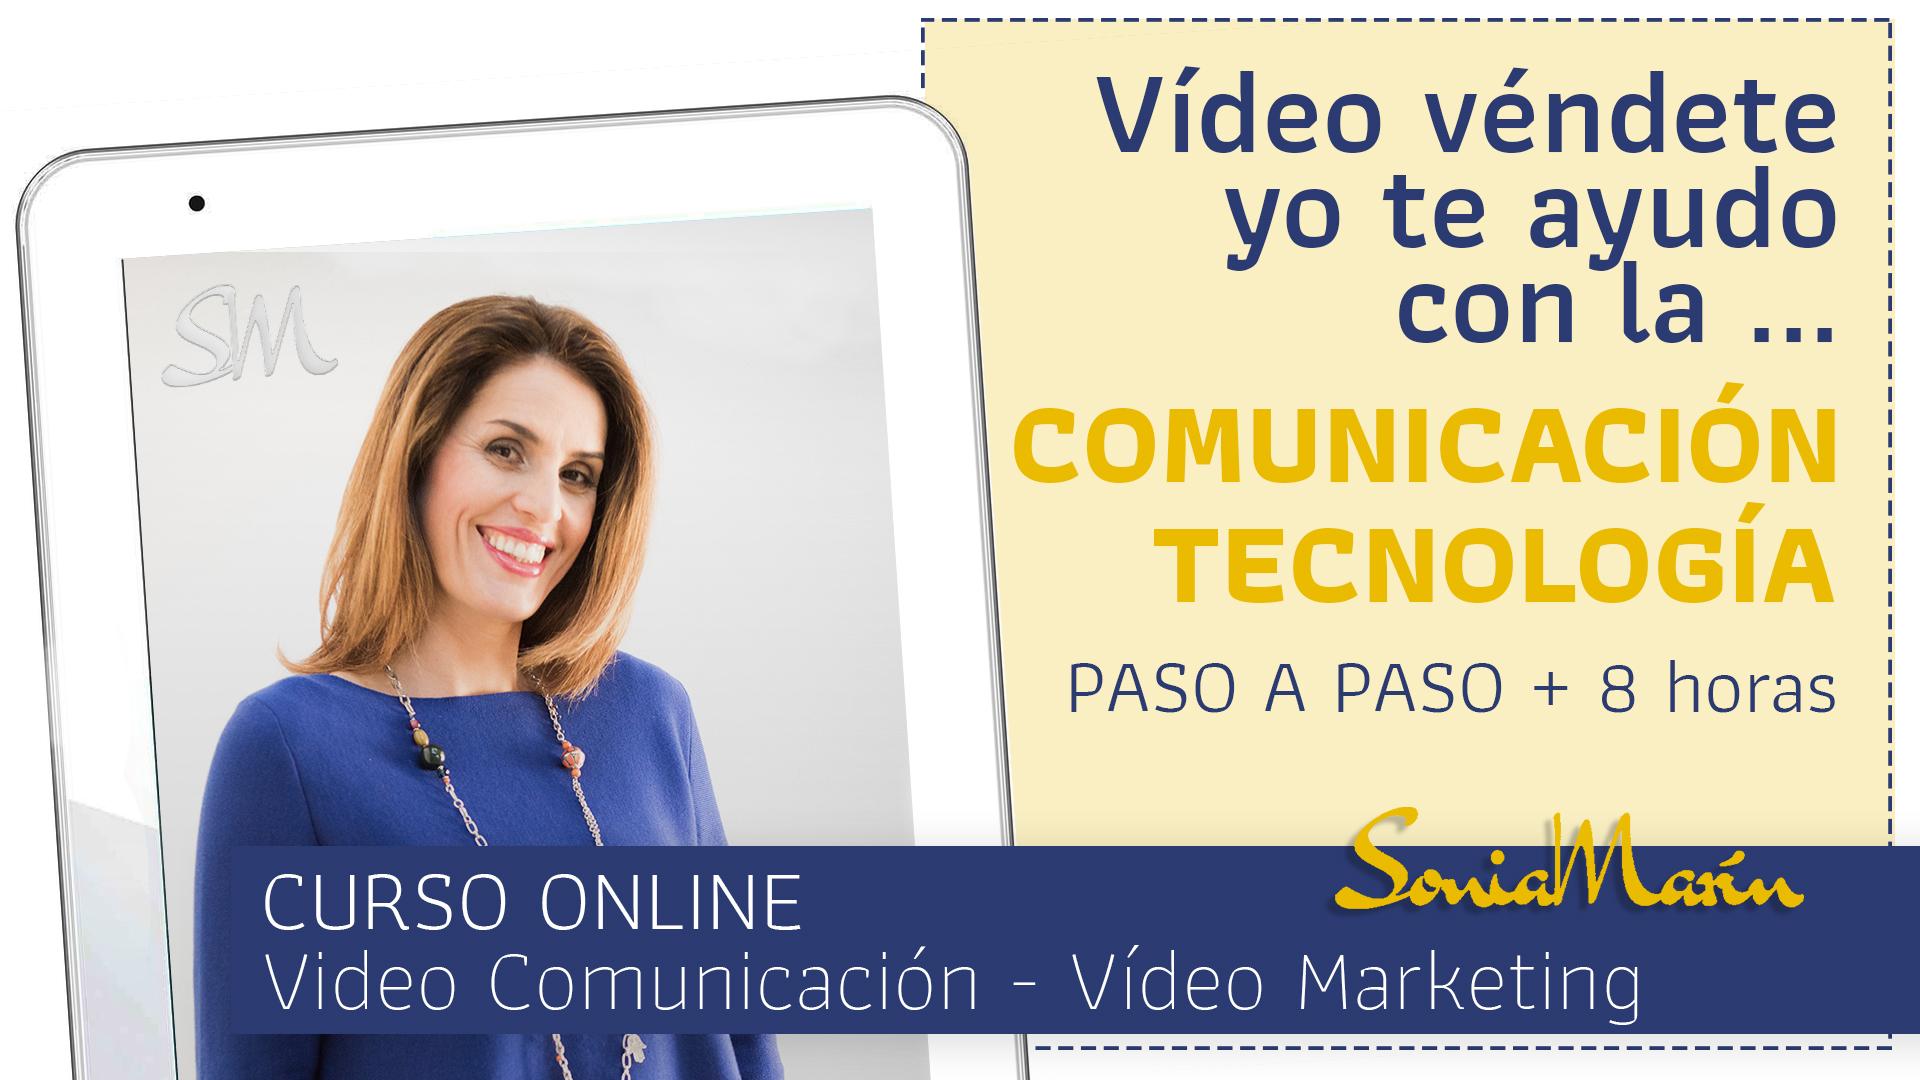 videovendete_portada_curso2019